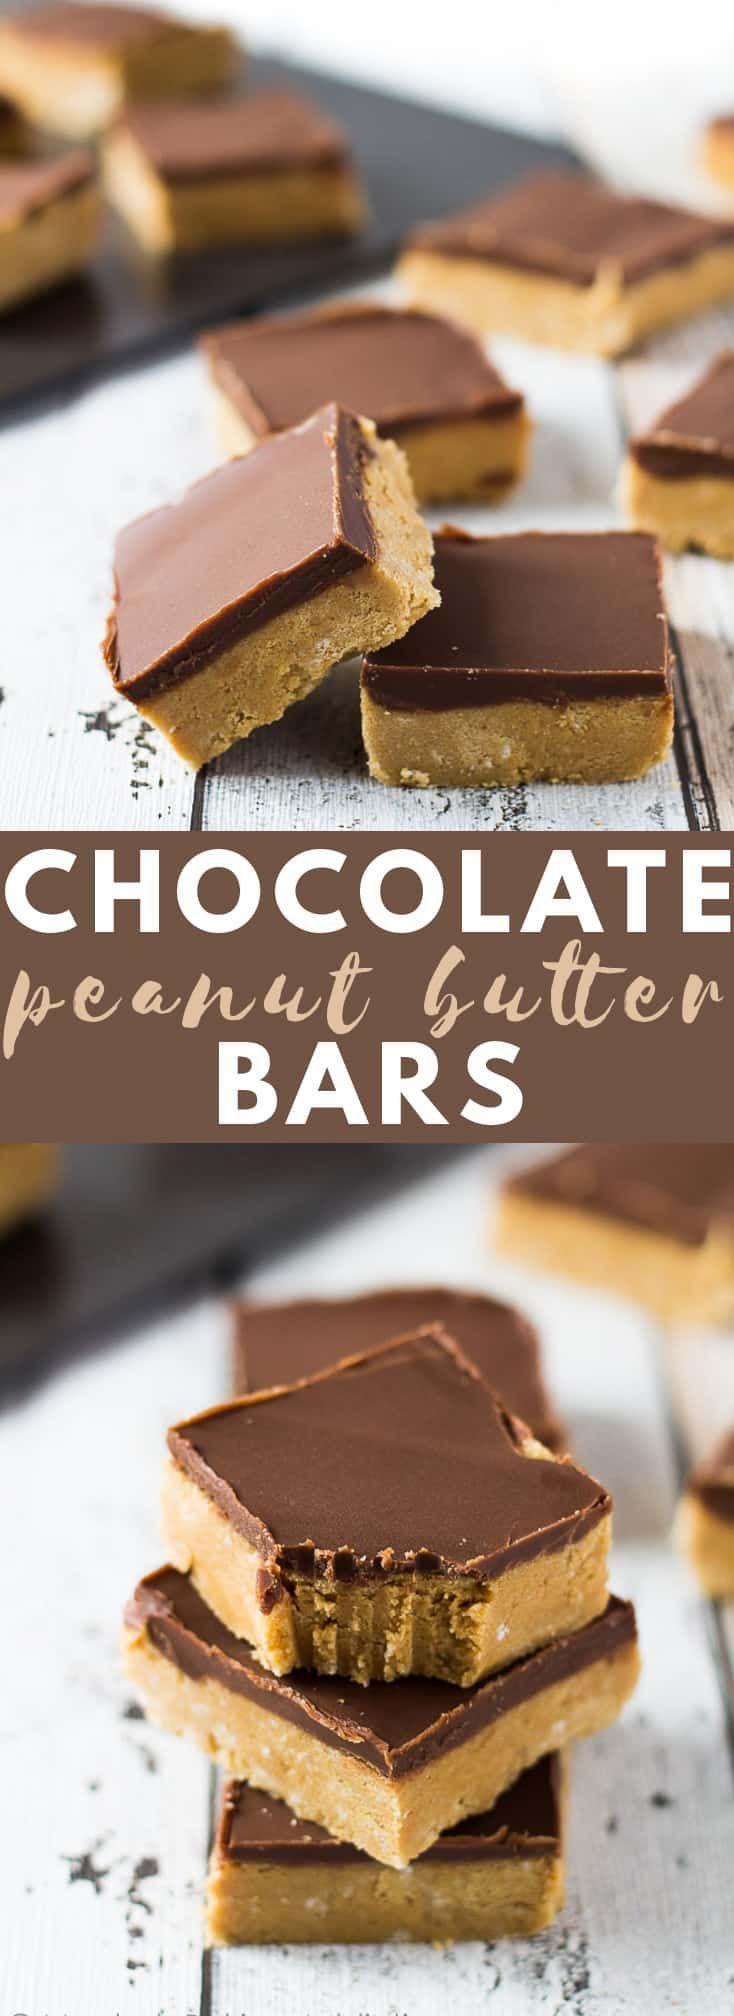 No-Bake-Schokoladen-Erdnussbutterriegel - Diese Erdnussbutterriegel sind unglaublich ... - #Diese #Erdnussbutterriegel #NoBakeSchokoladenErdnussbutterriegel #sind #unglaublich #peanutbuttersquares